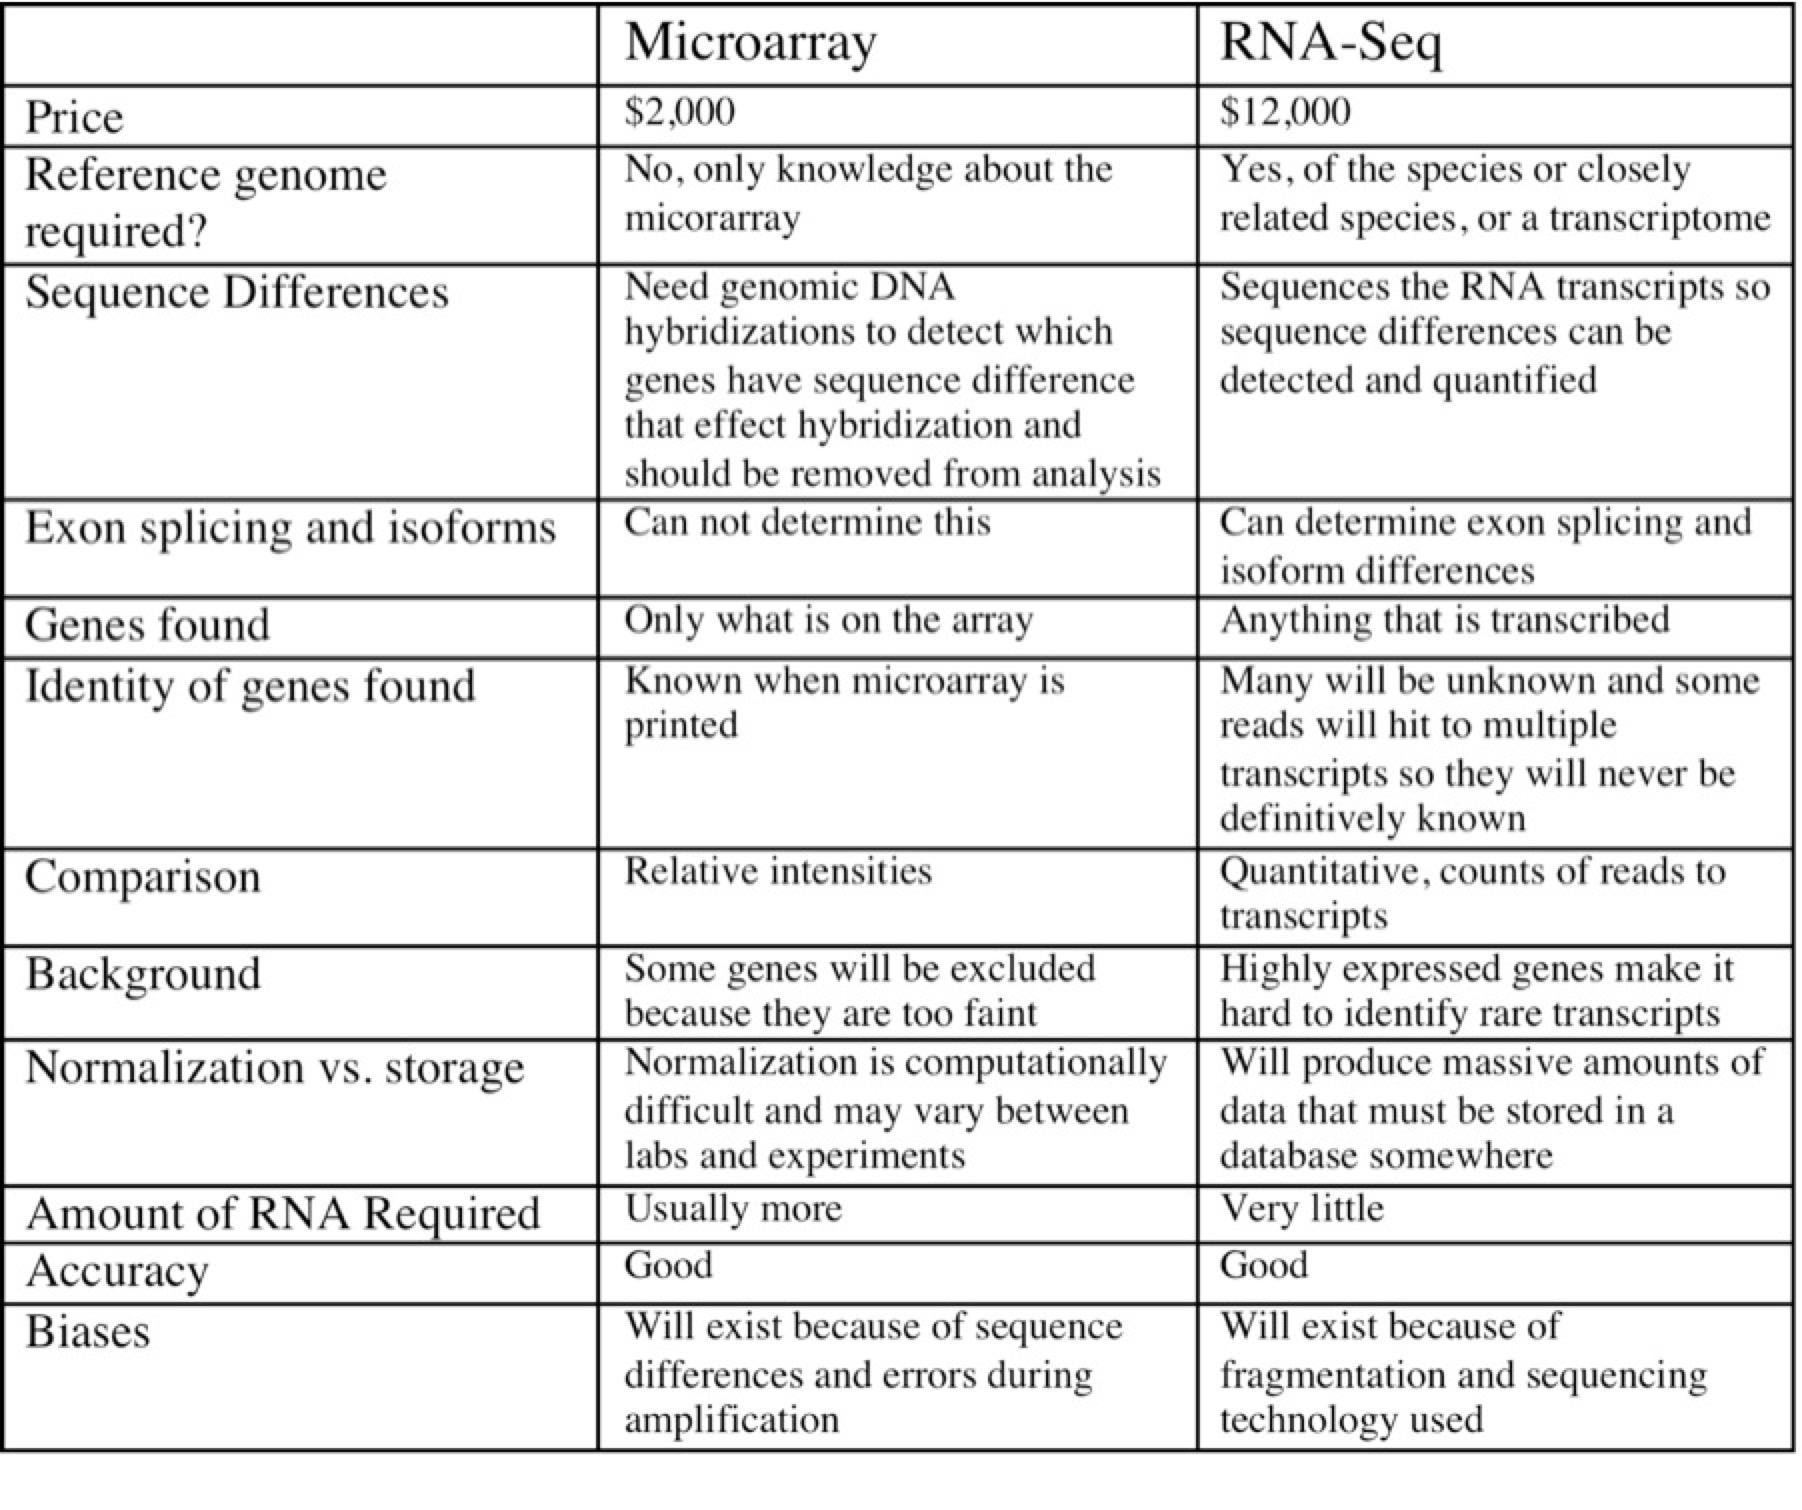 rna-seq-vs-microarray-3